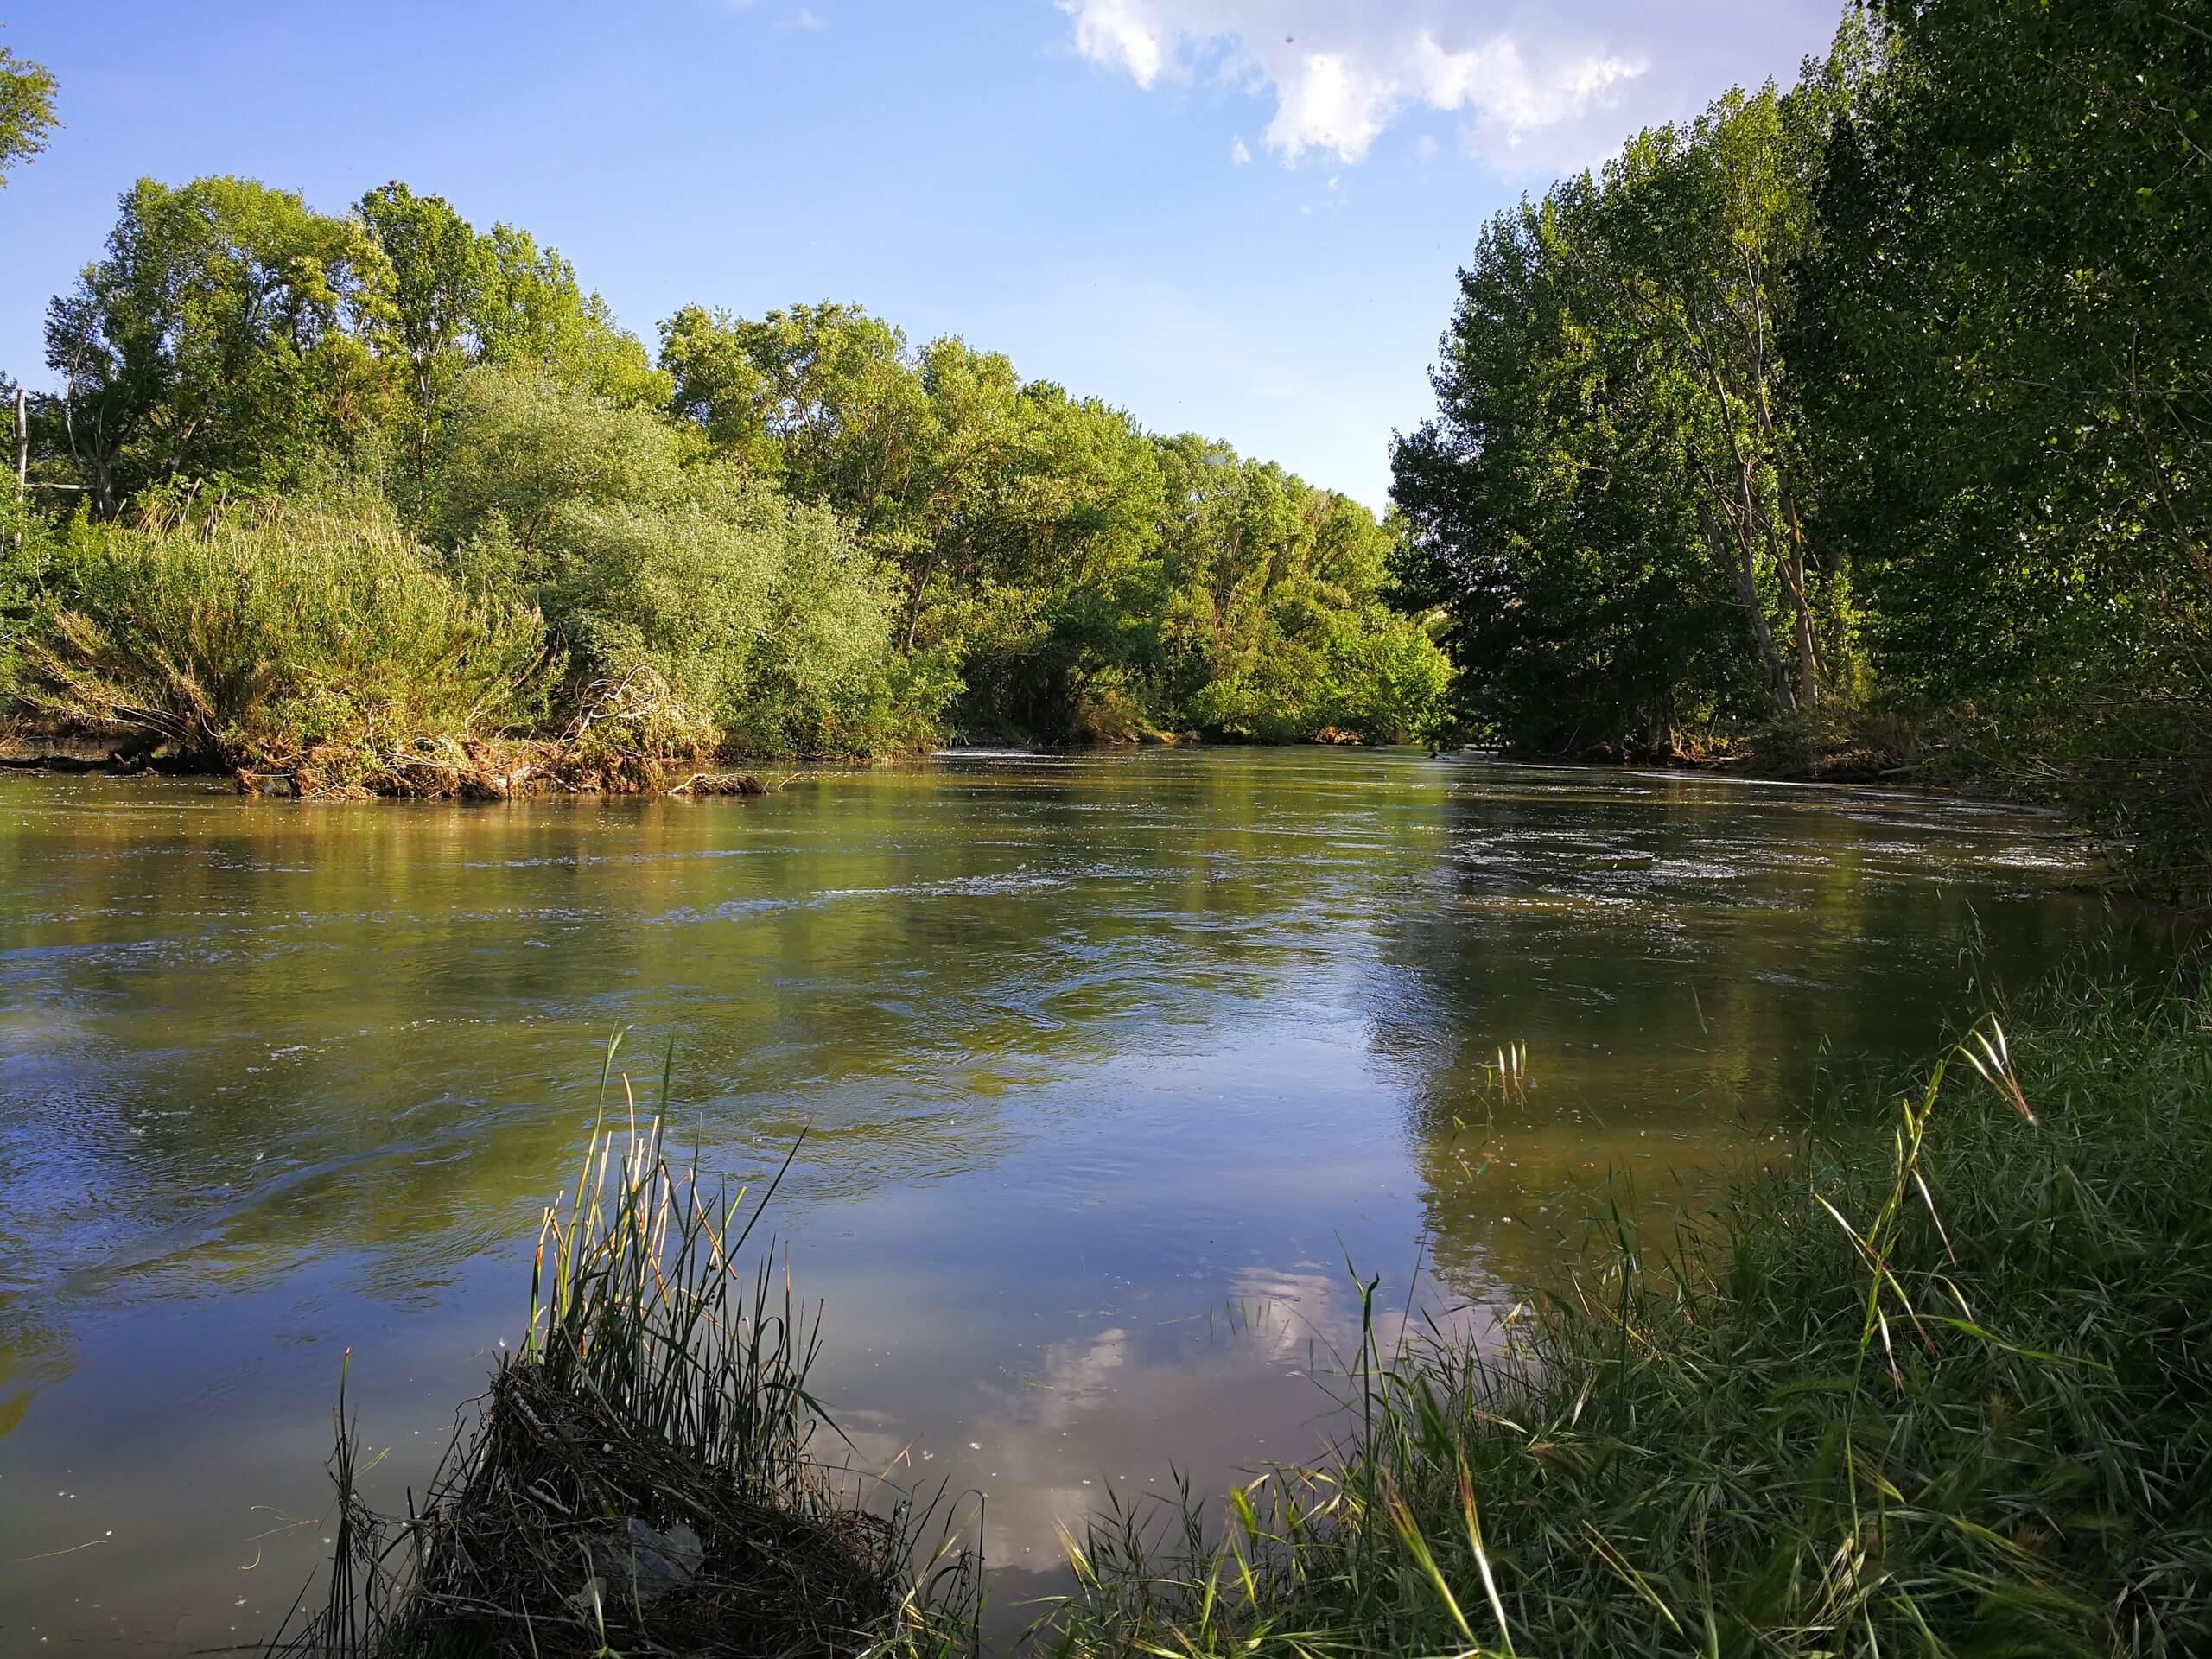 Fluß in Spanien bei schönem Wetter